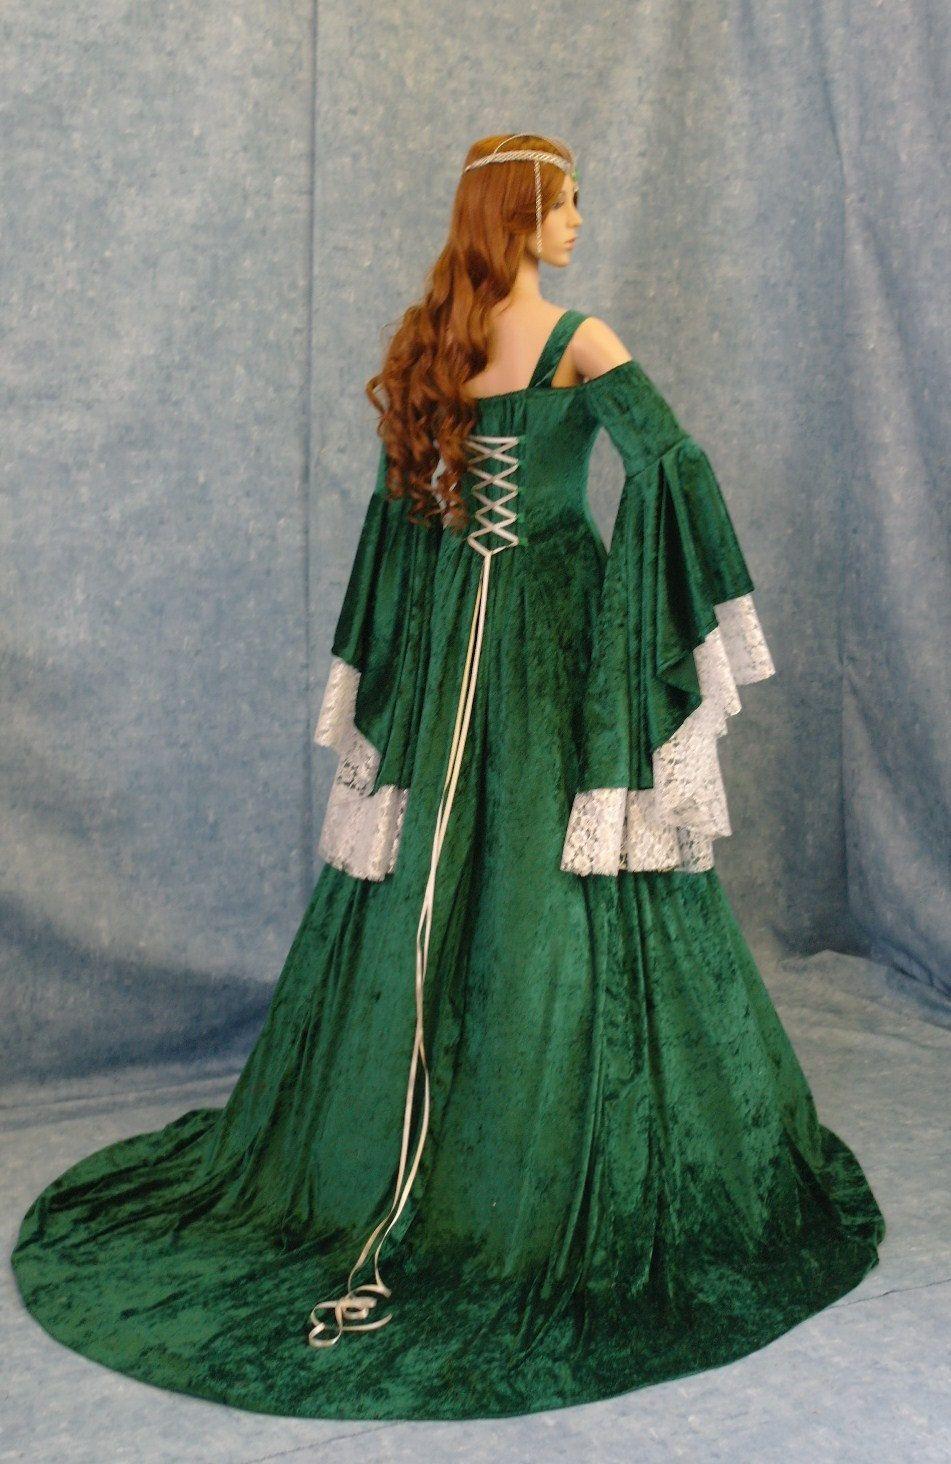 Renaissance medieval handfasting wedding fantasy celtic dress custom ...